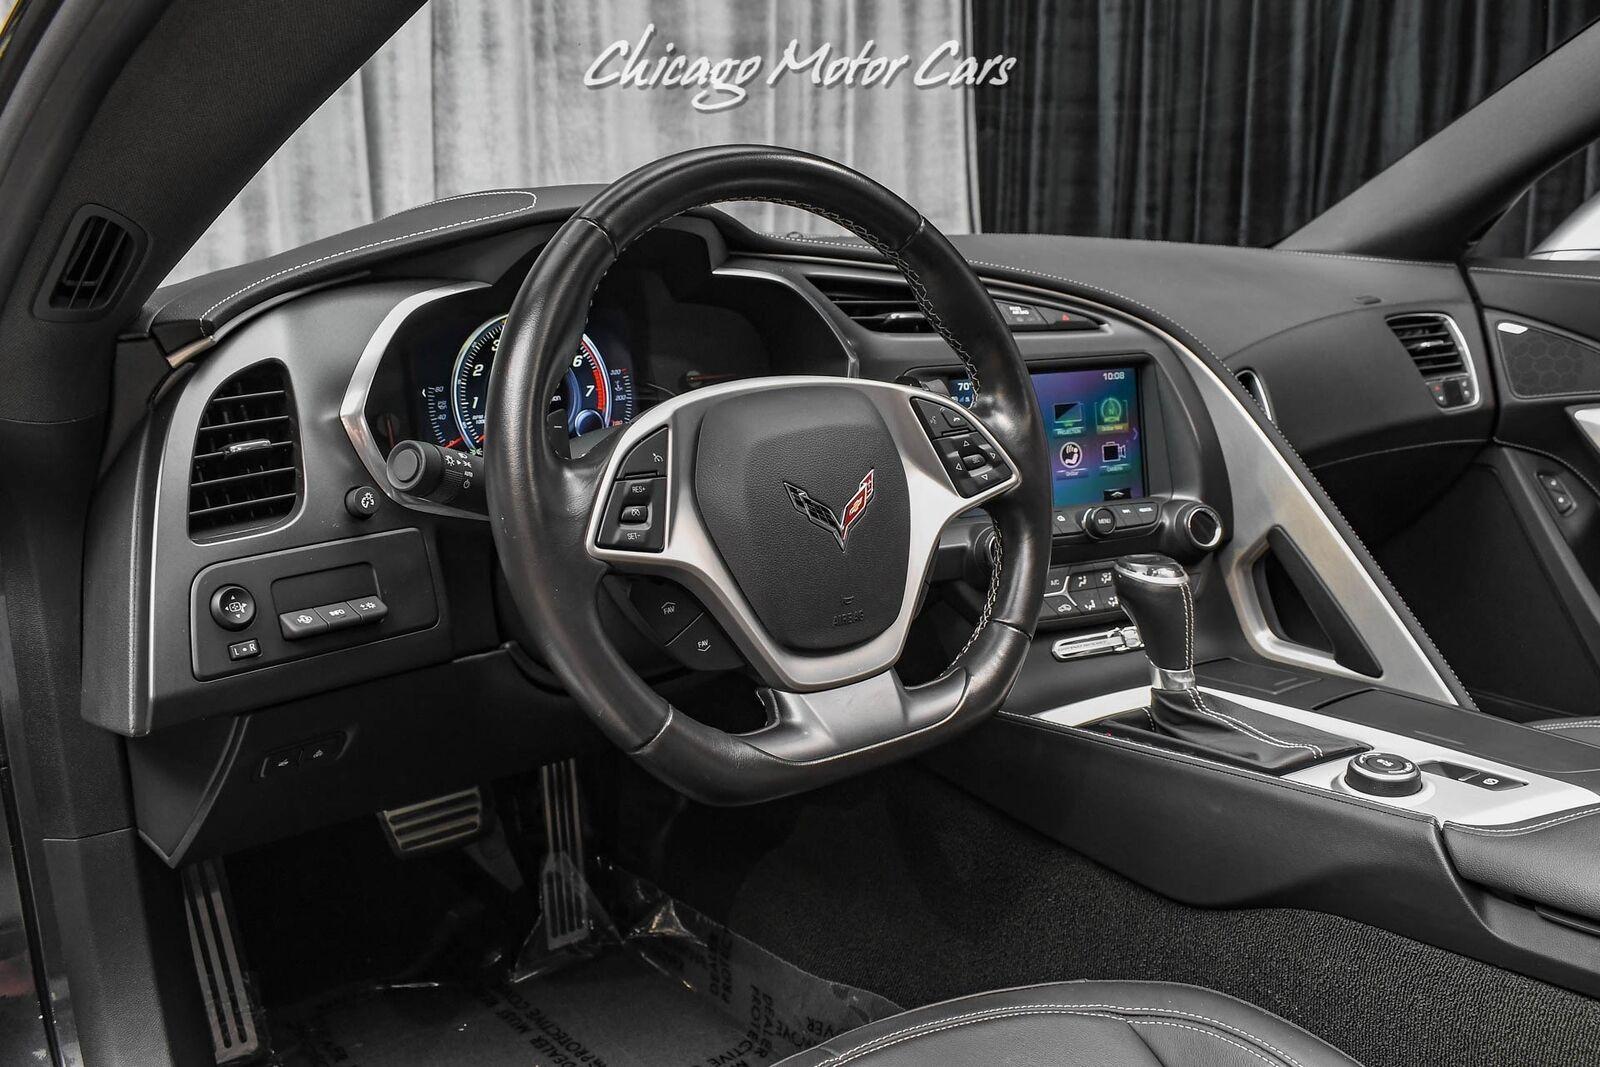 2017 Gray Chevrolet Corvette Grand Sport 2LT   C7 Corvette Photo 8